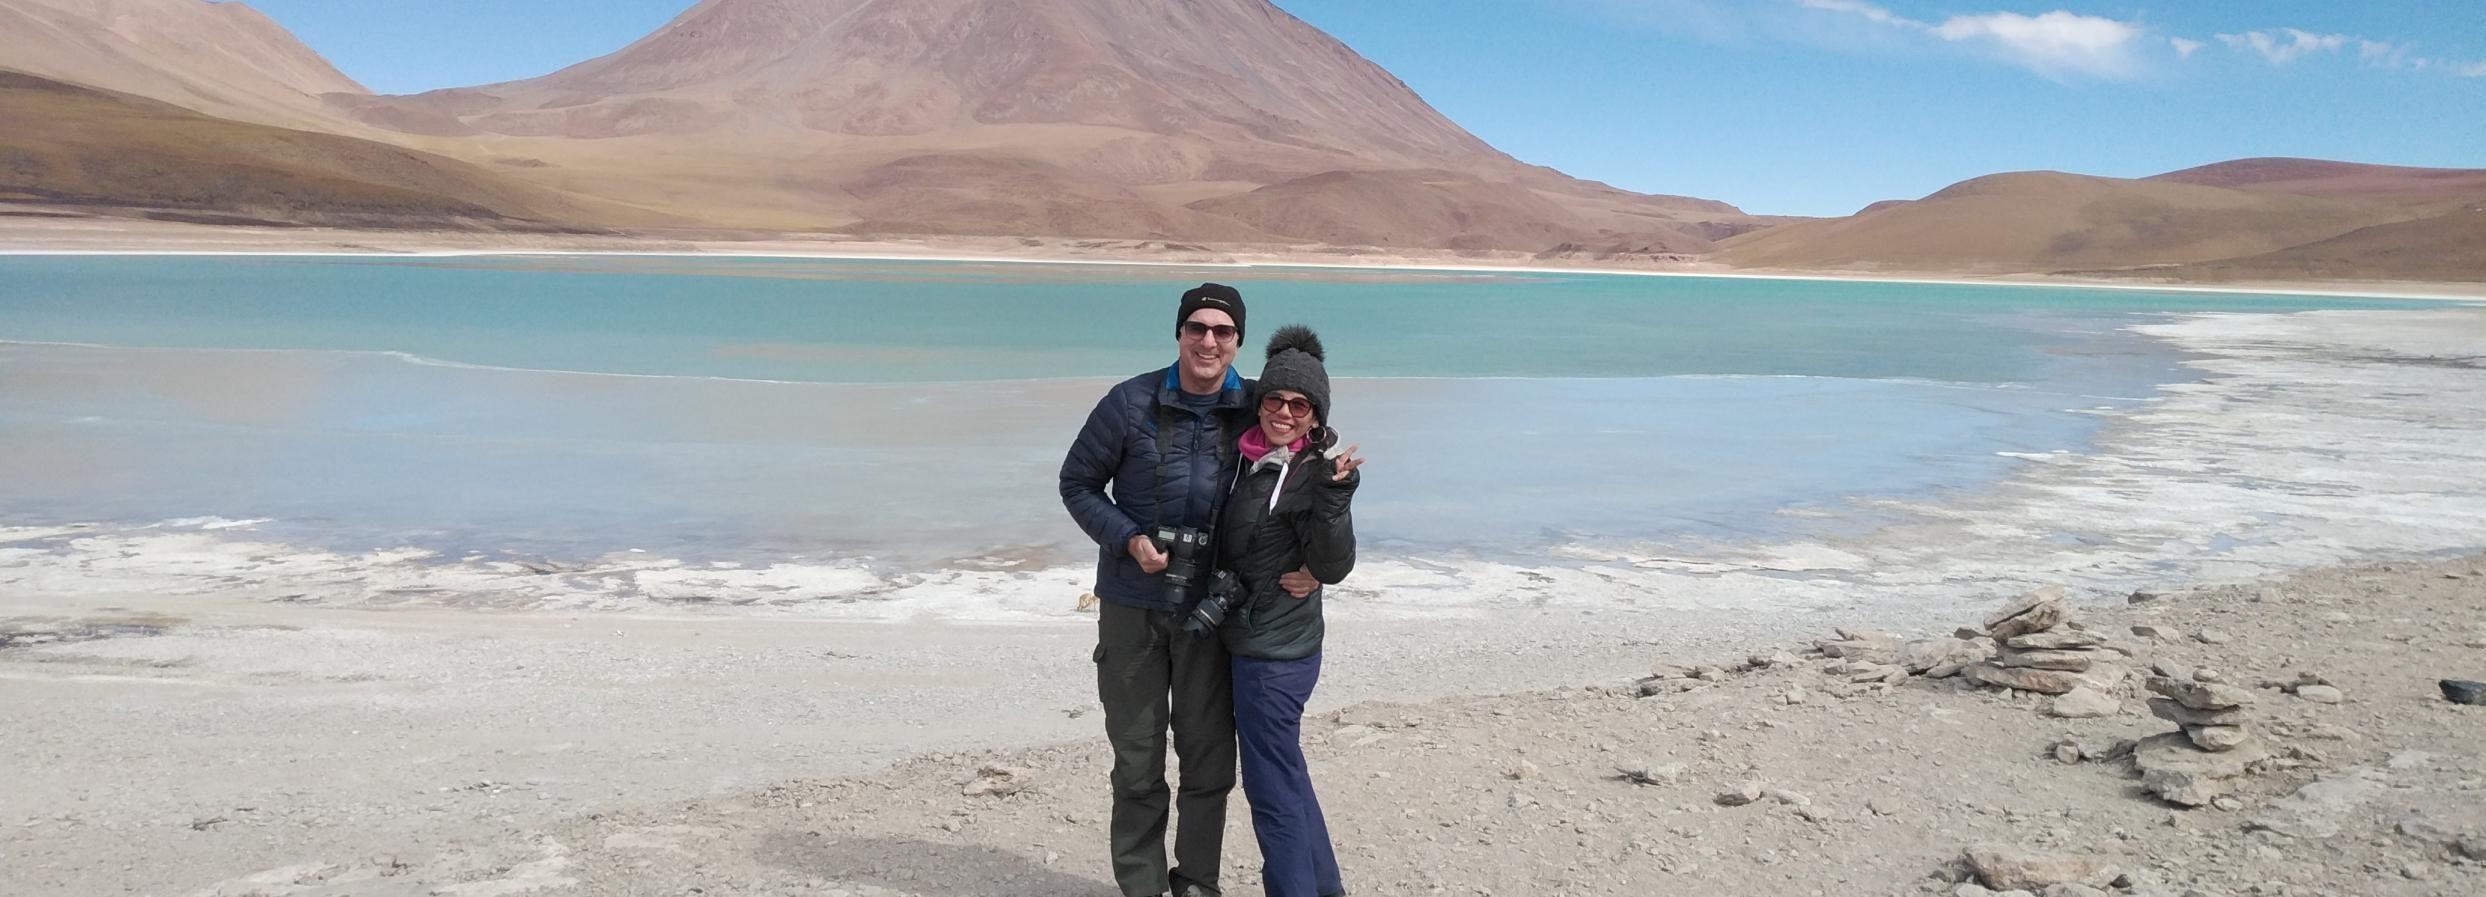 Bolivien: 3 Tage Privattour zum Uyuni-Salzsee mit Hotel